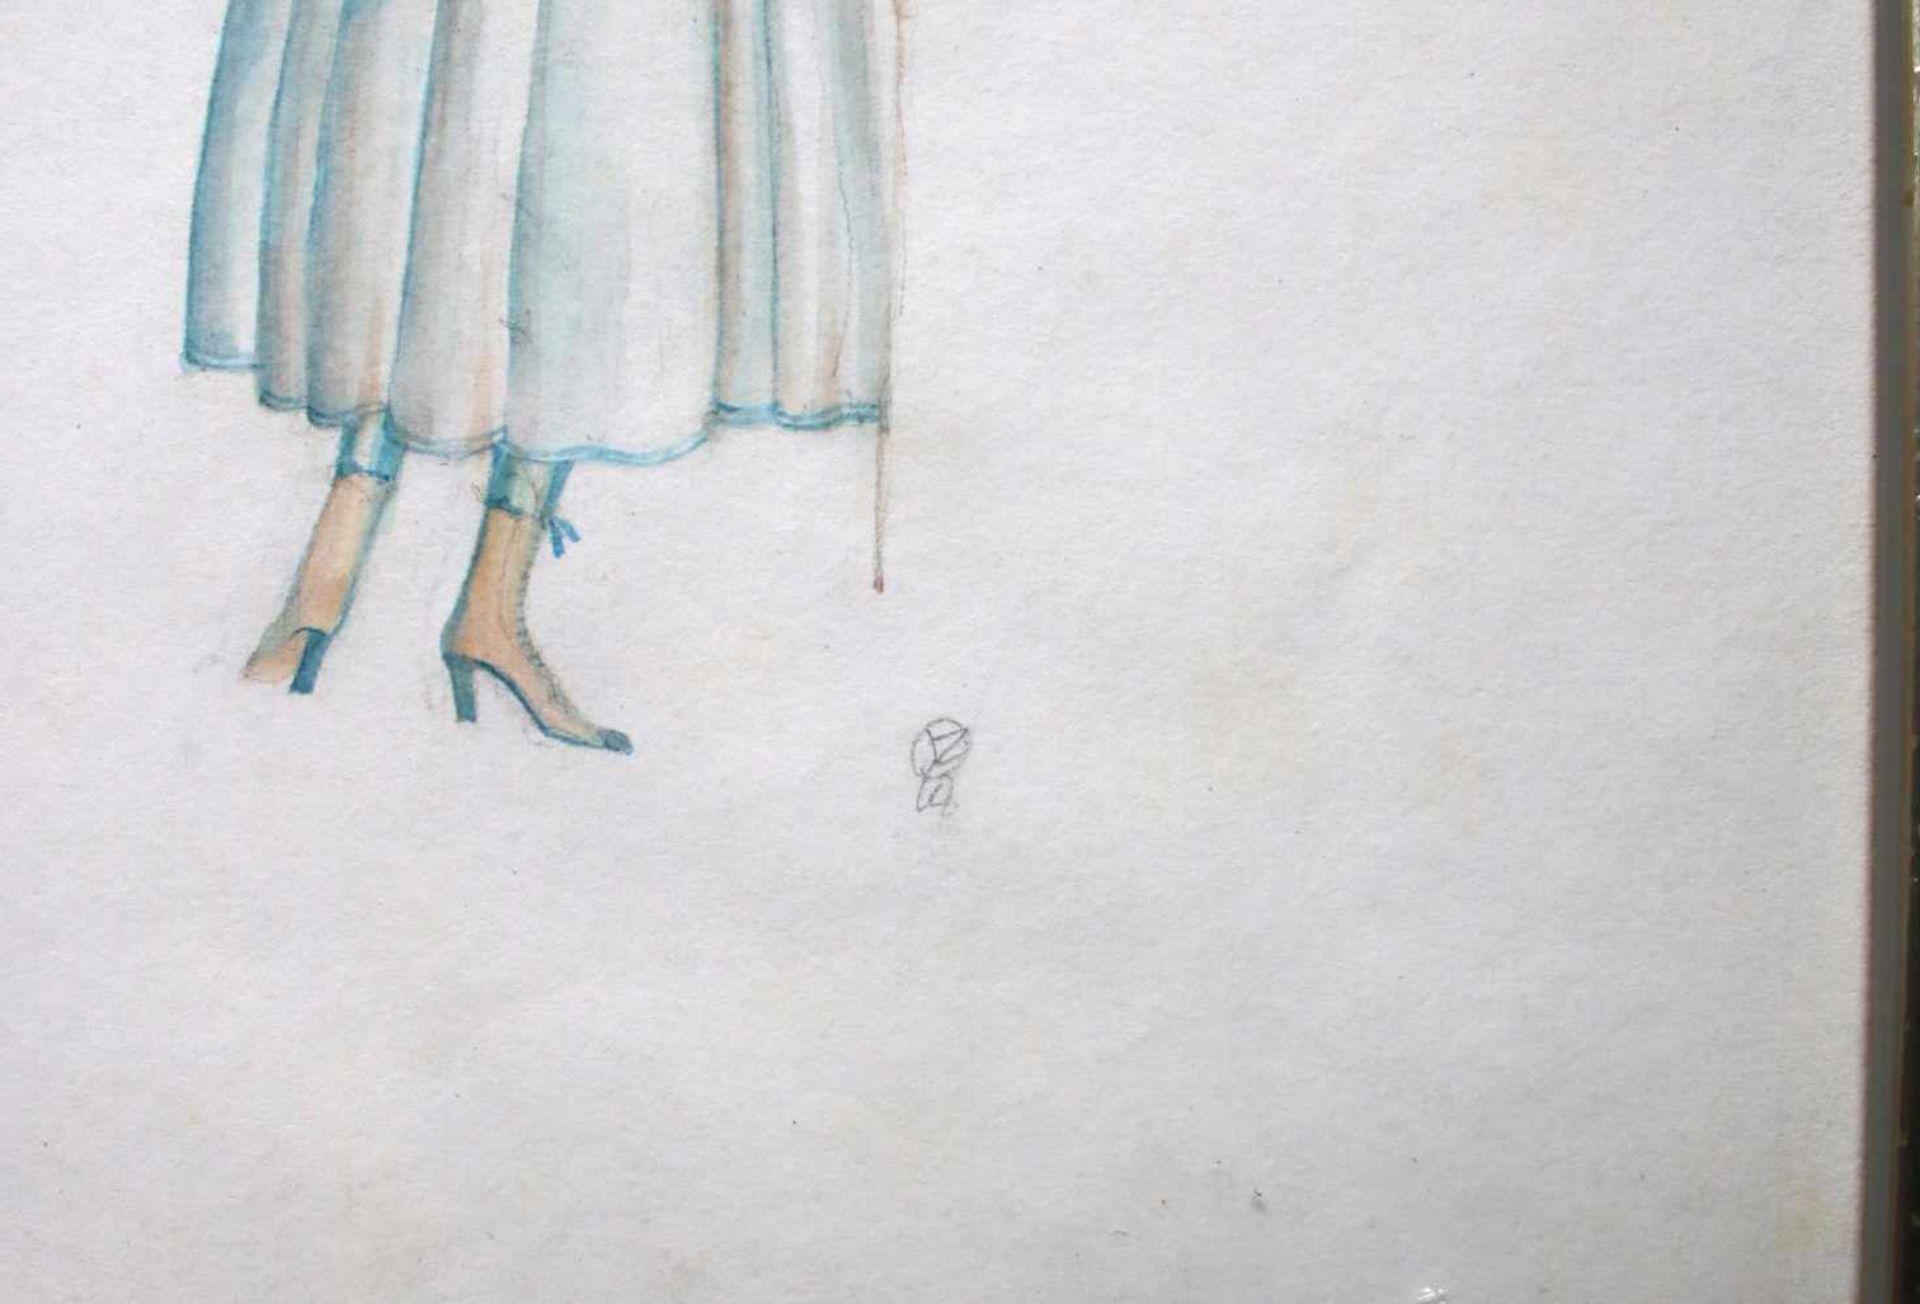 Julius Zimpel (1896 - 1925) Dame mit Gehstock und Hut Aquarell auf Papier Monogrammiert 34 x 22 cm - Bild 2 aus 2